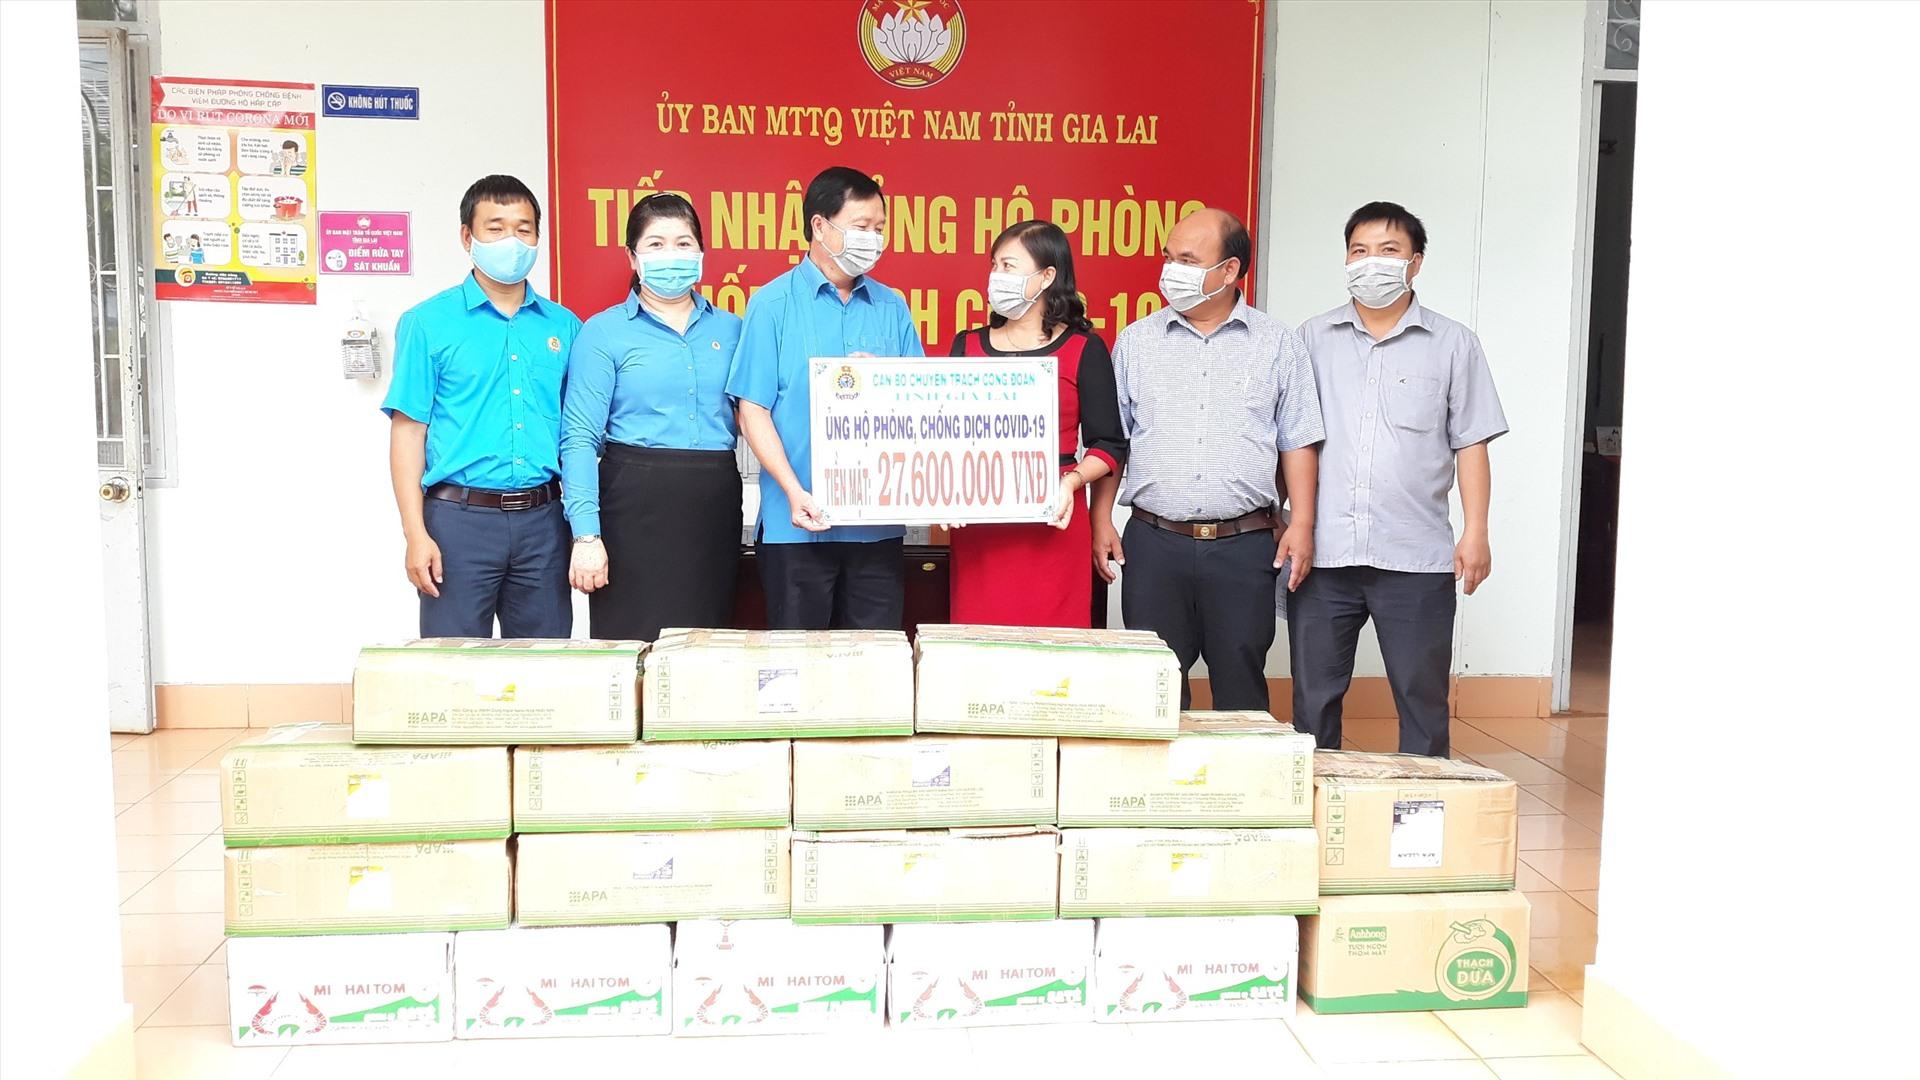 Lãnh đạo LĐLĐ tỉnh Gia Lai trao số tiền ủng hộ của anh, chị em cán bộ, ĐVCĐ đến đại diện Uỷ ban MTTQ Việt Nam tỉnh.